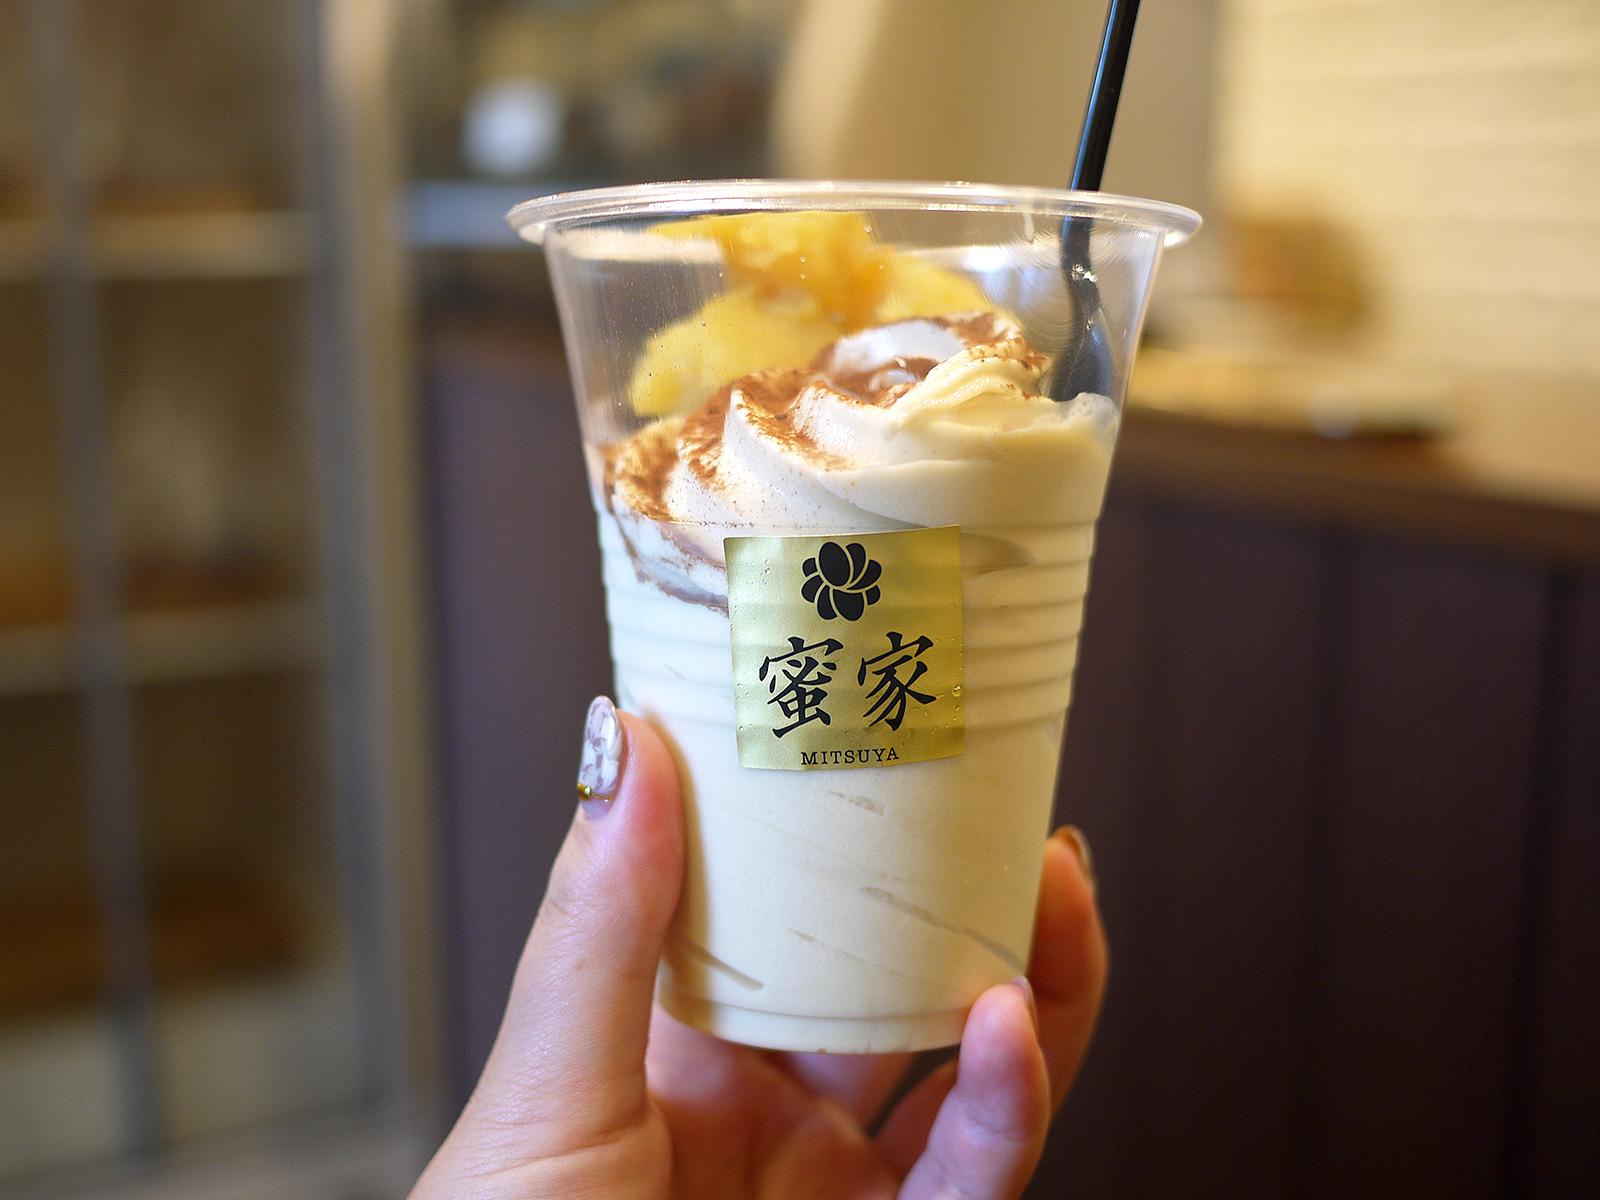 598【福岡・赤坂】やさしい甘さ!焼き芋屋さんのソフトクリーム「蜜家(みつや)」